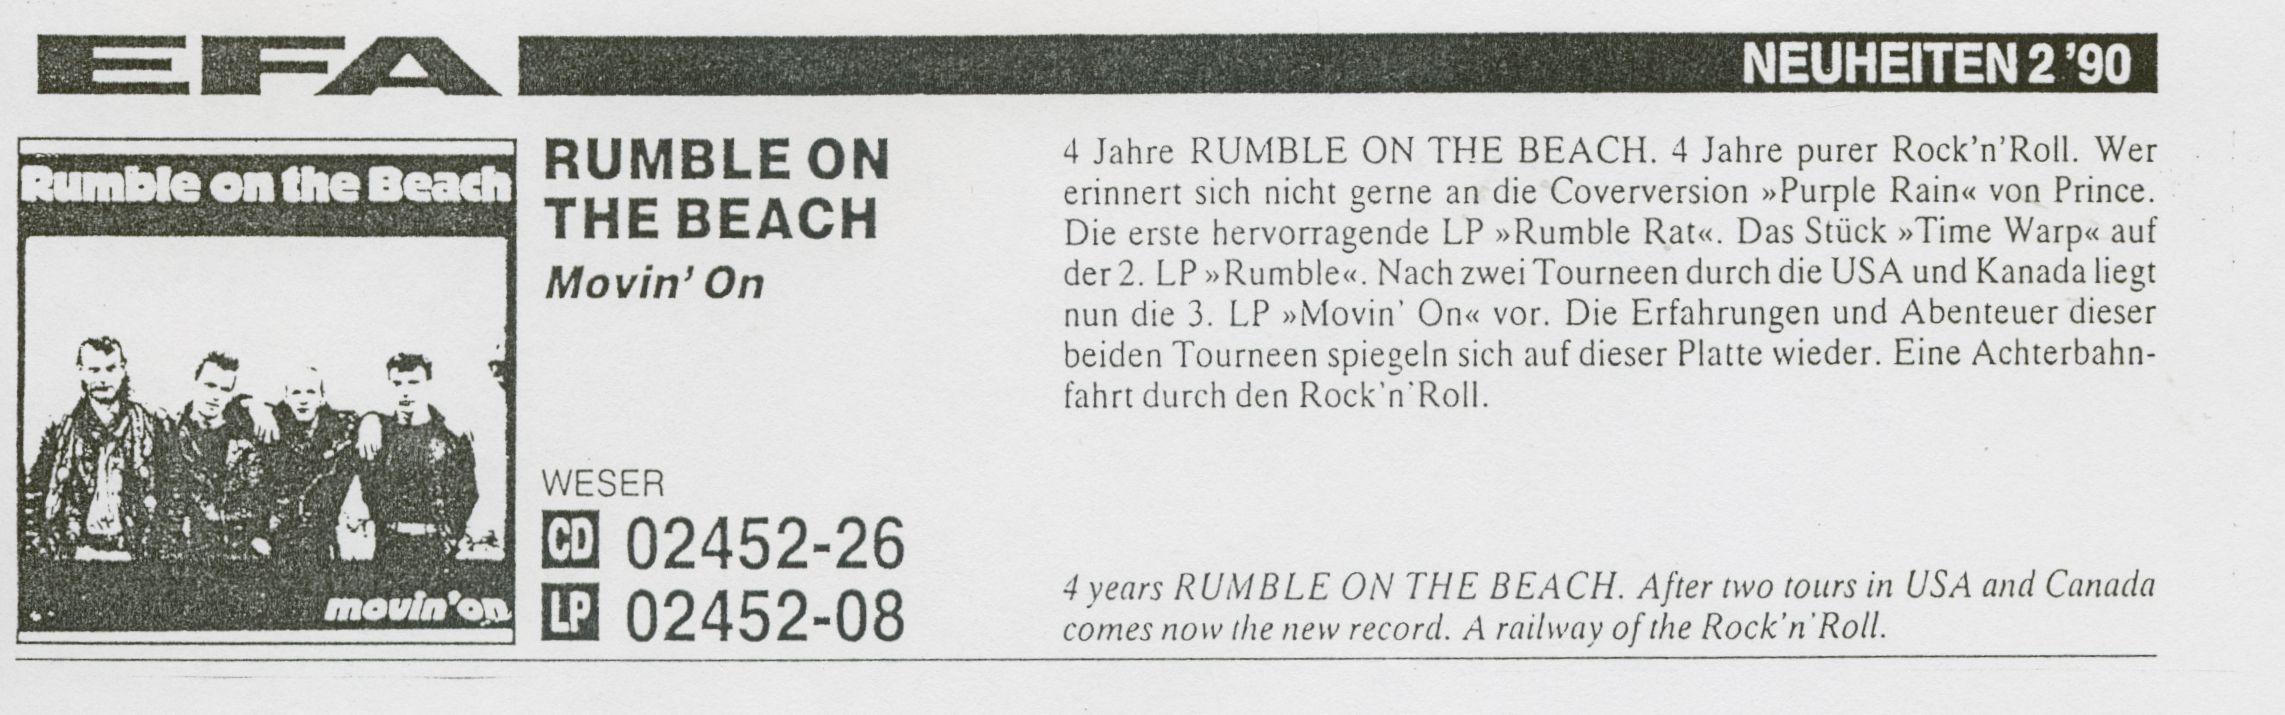 Presse – Rumble On The Beach Archiv - Februar 1990 – EfA Neuheiten 2'90